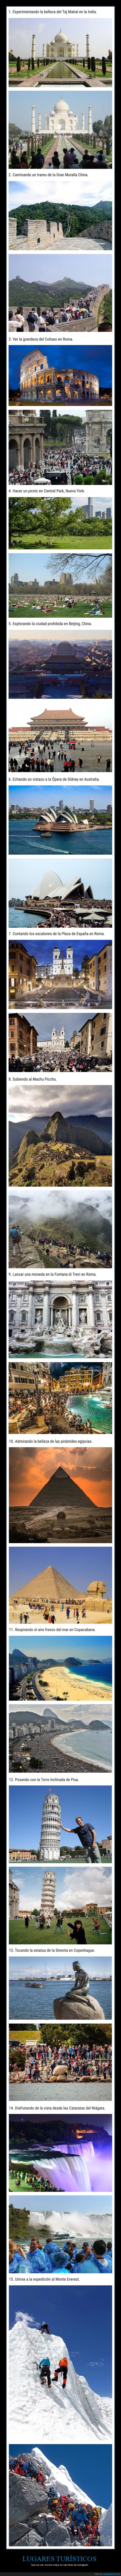 instagram,lugares turísticos,realidad